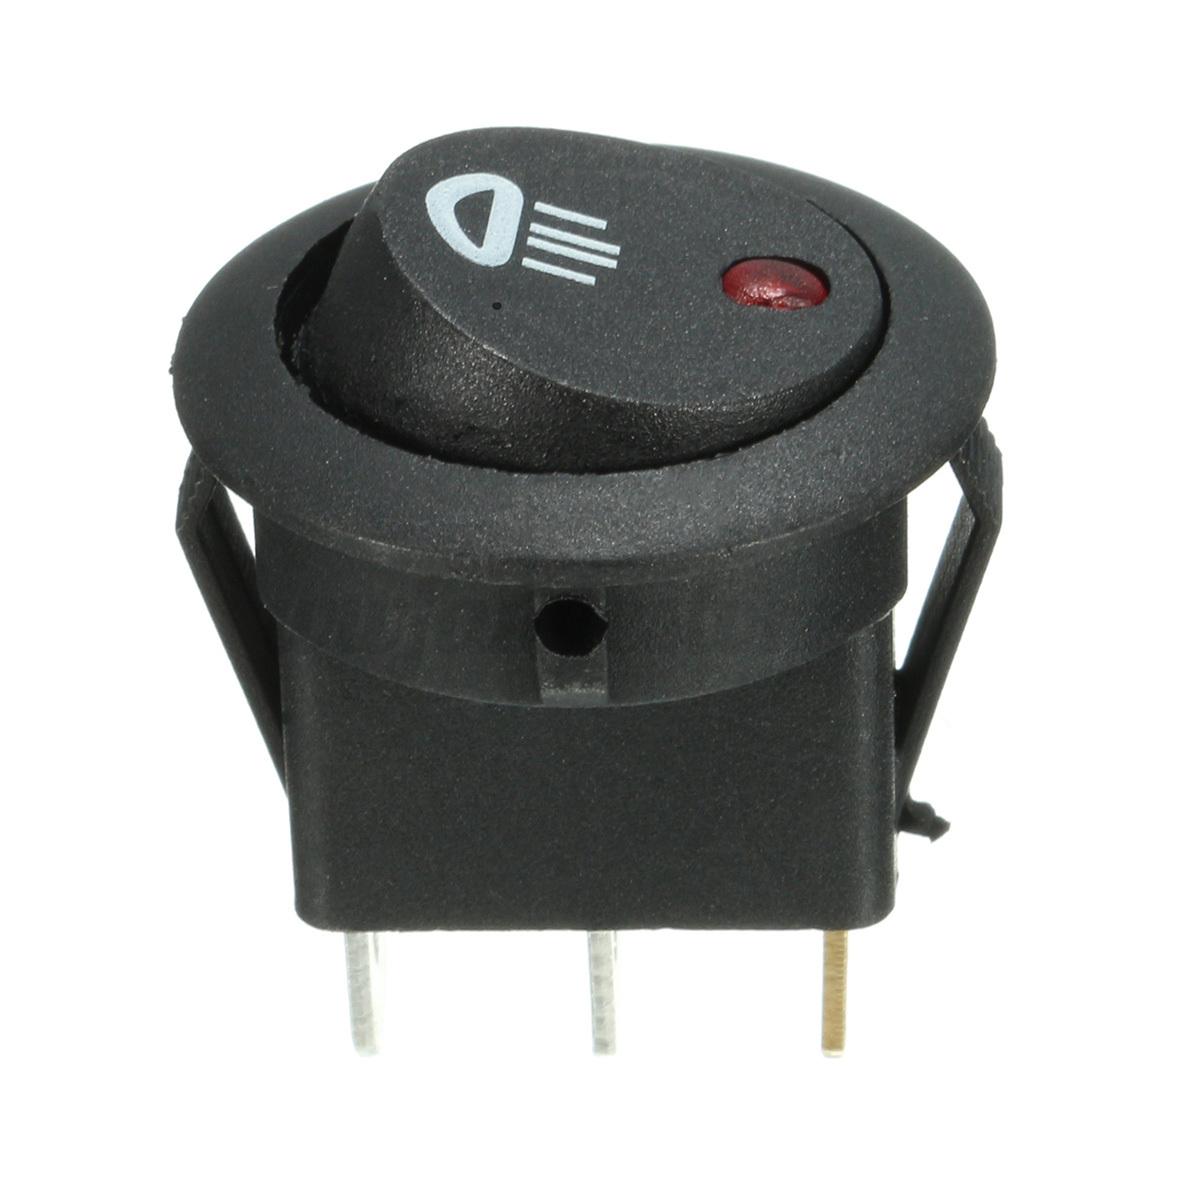 1pcs WIMA Black Box 0.1uF 630V 5/% pitch:27.5mm Capacitor NOS Genuine 100nF